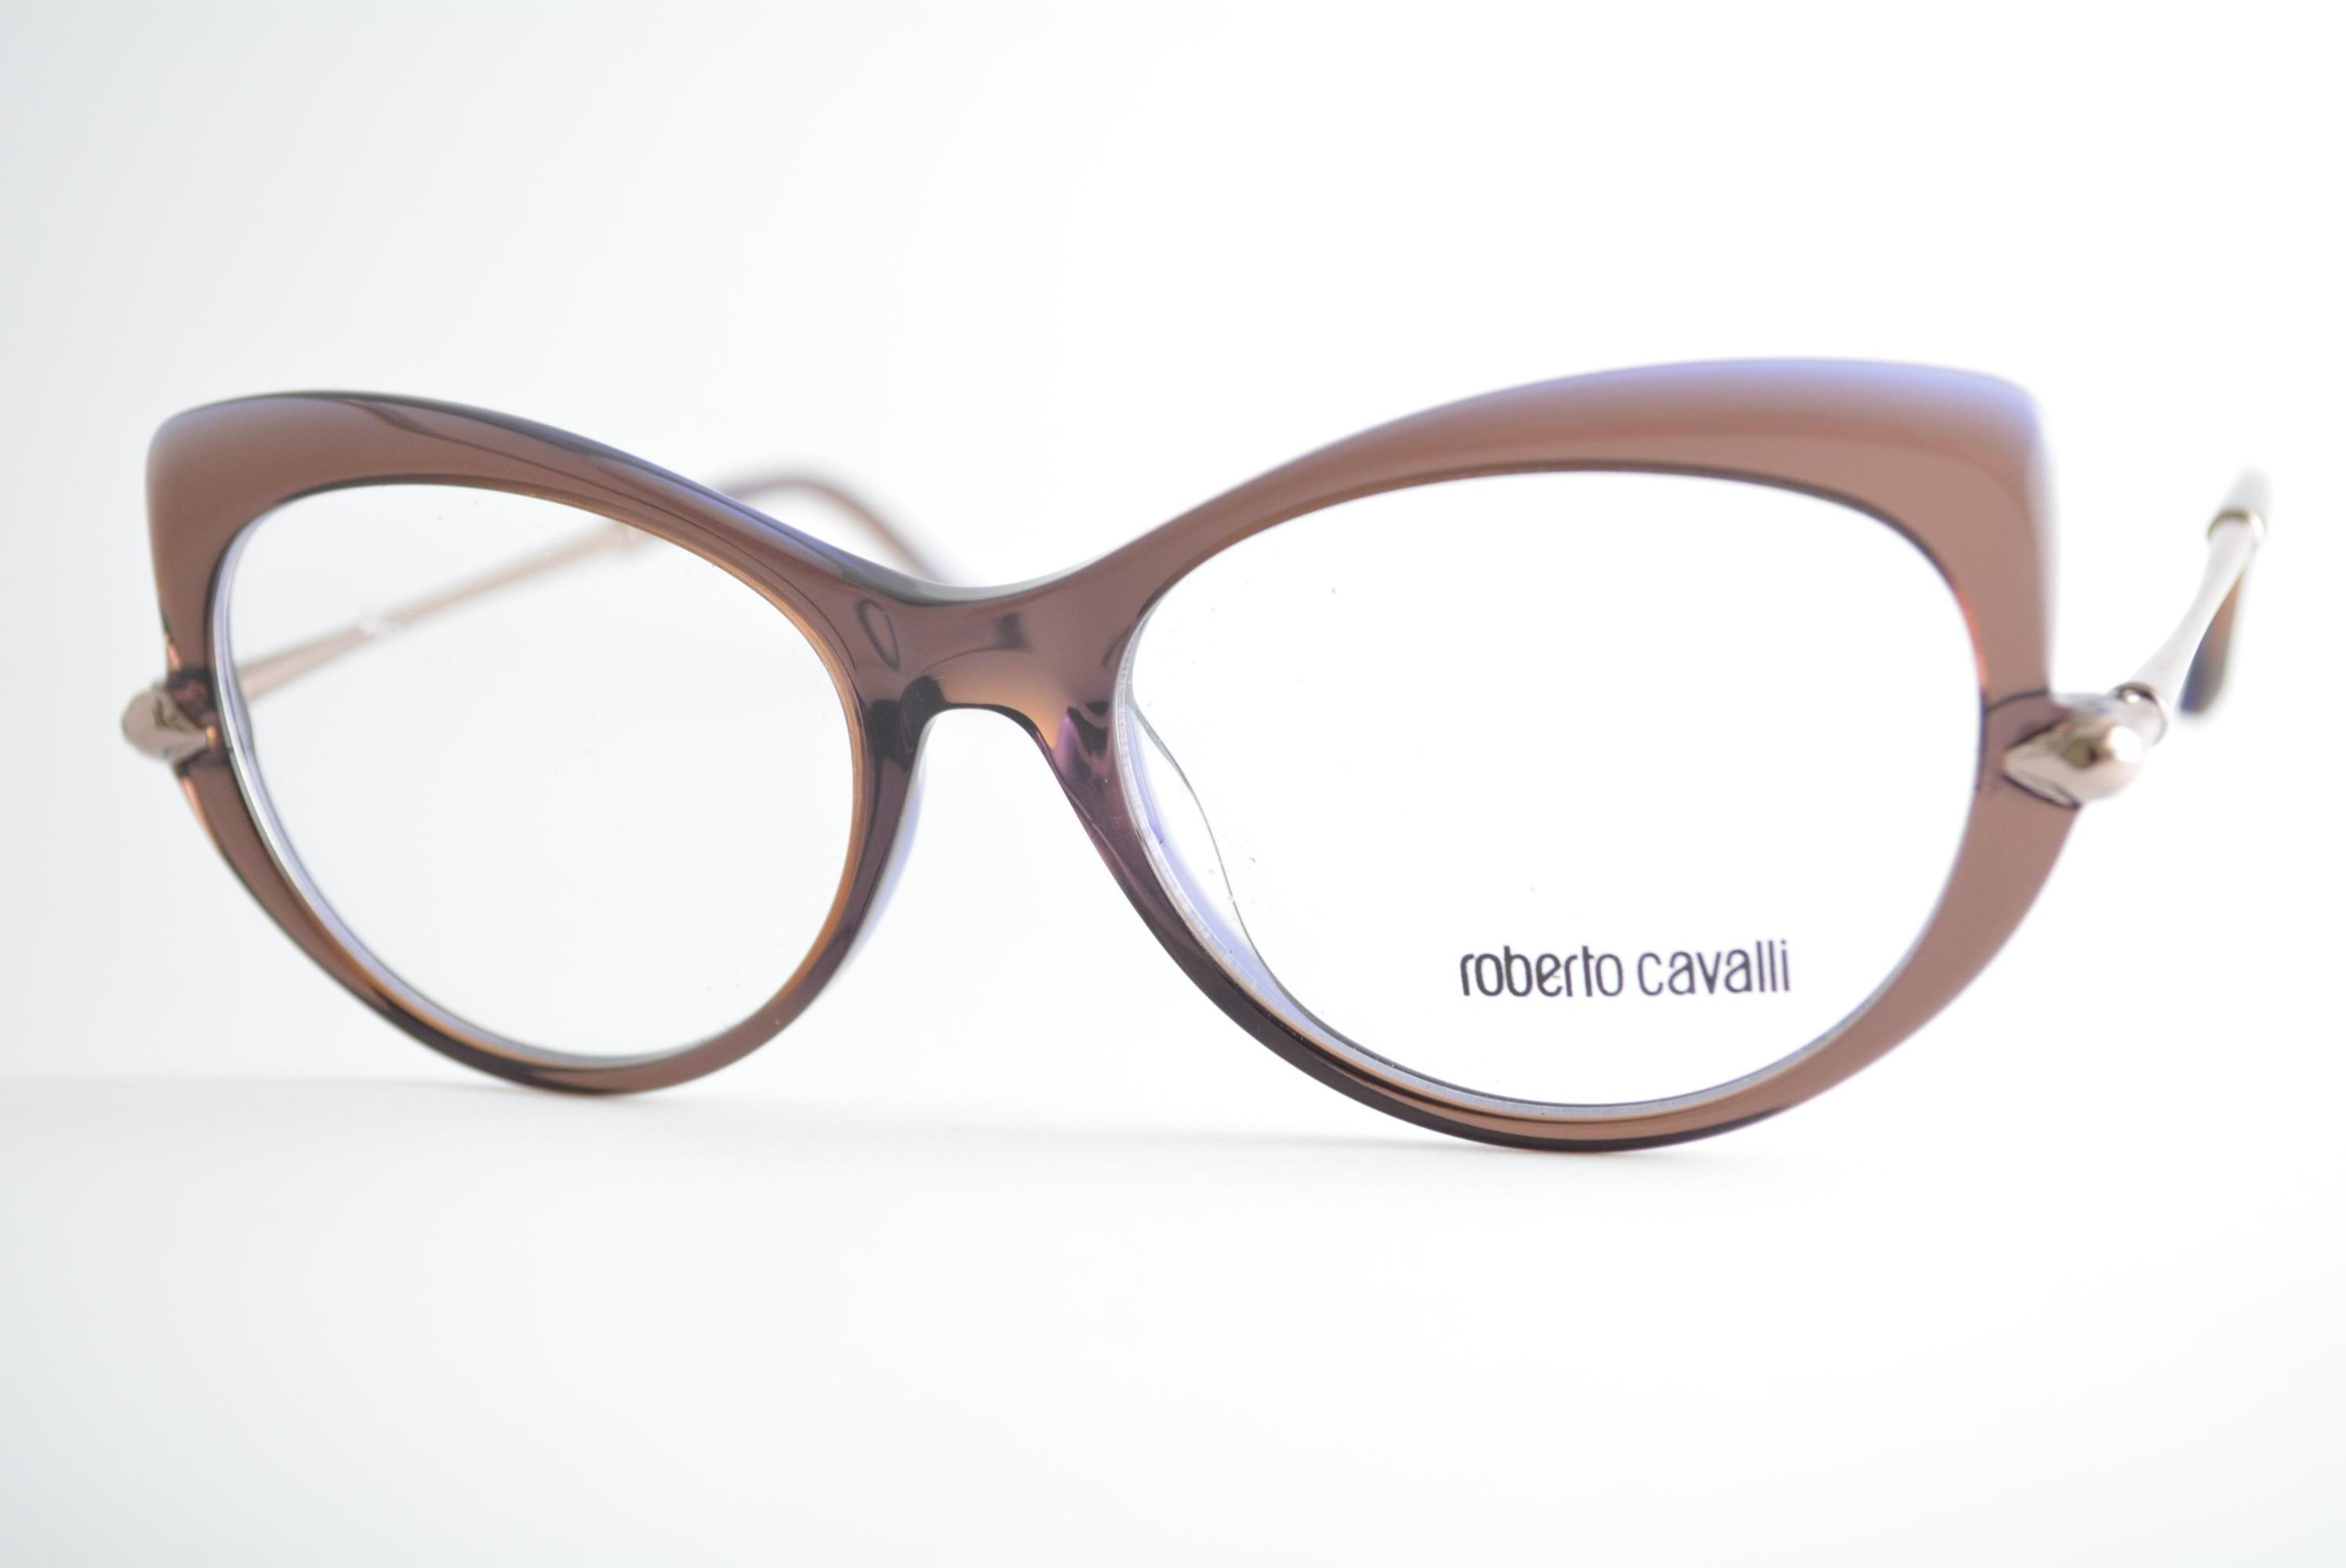 armação de óculos Roberto Cavalli mod 5021 050 Ótica Cardoso 945e2d1bd6